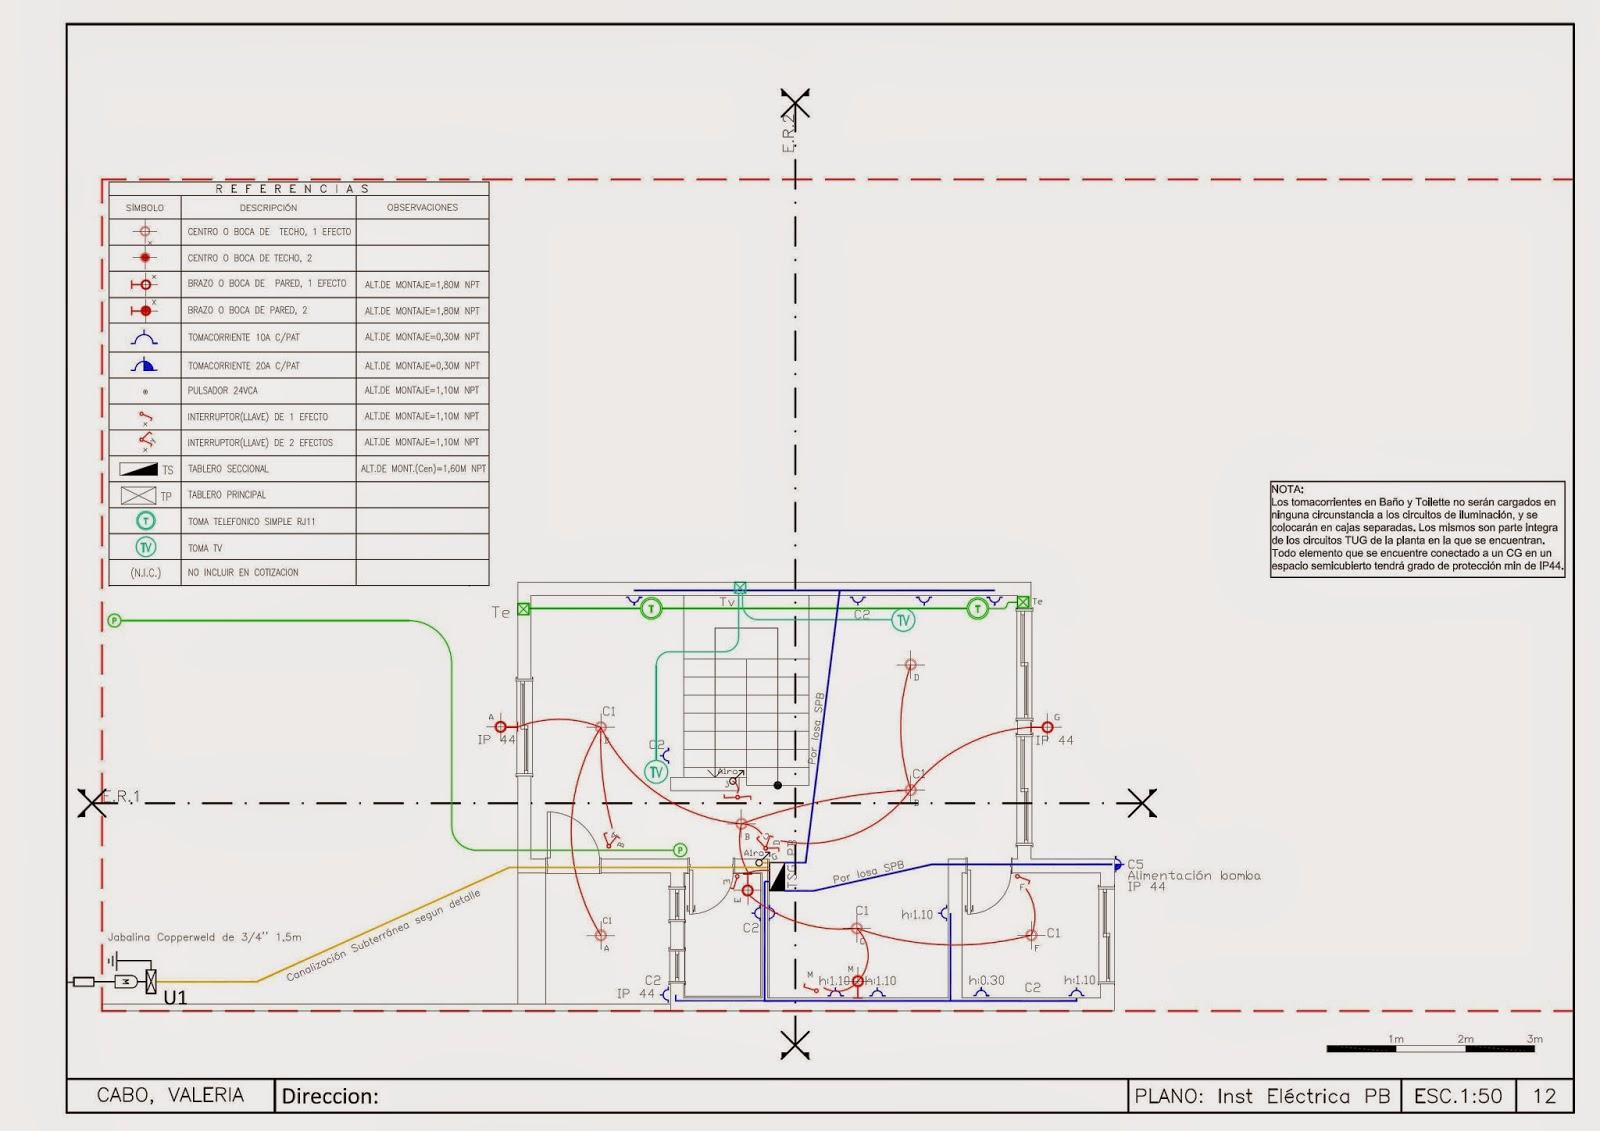 Detalles constructivos cad plano de replanteo instalaci n for Plano instalacion electrica